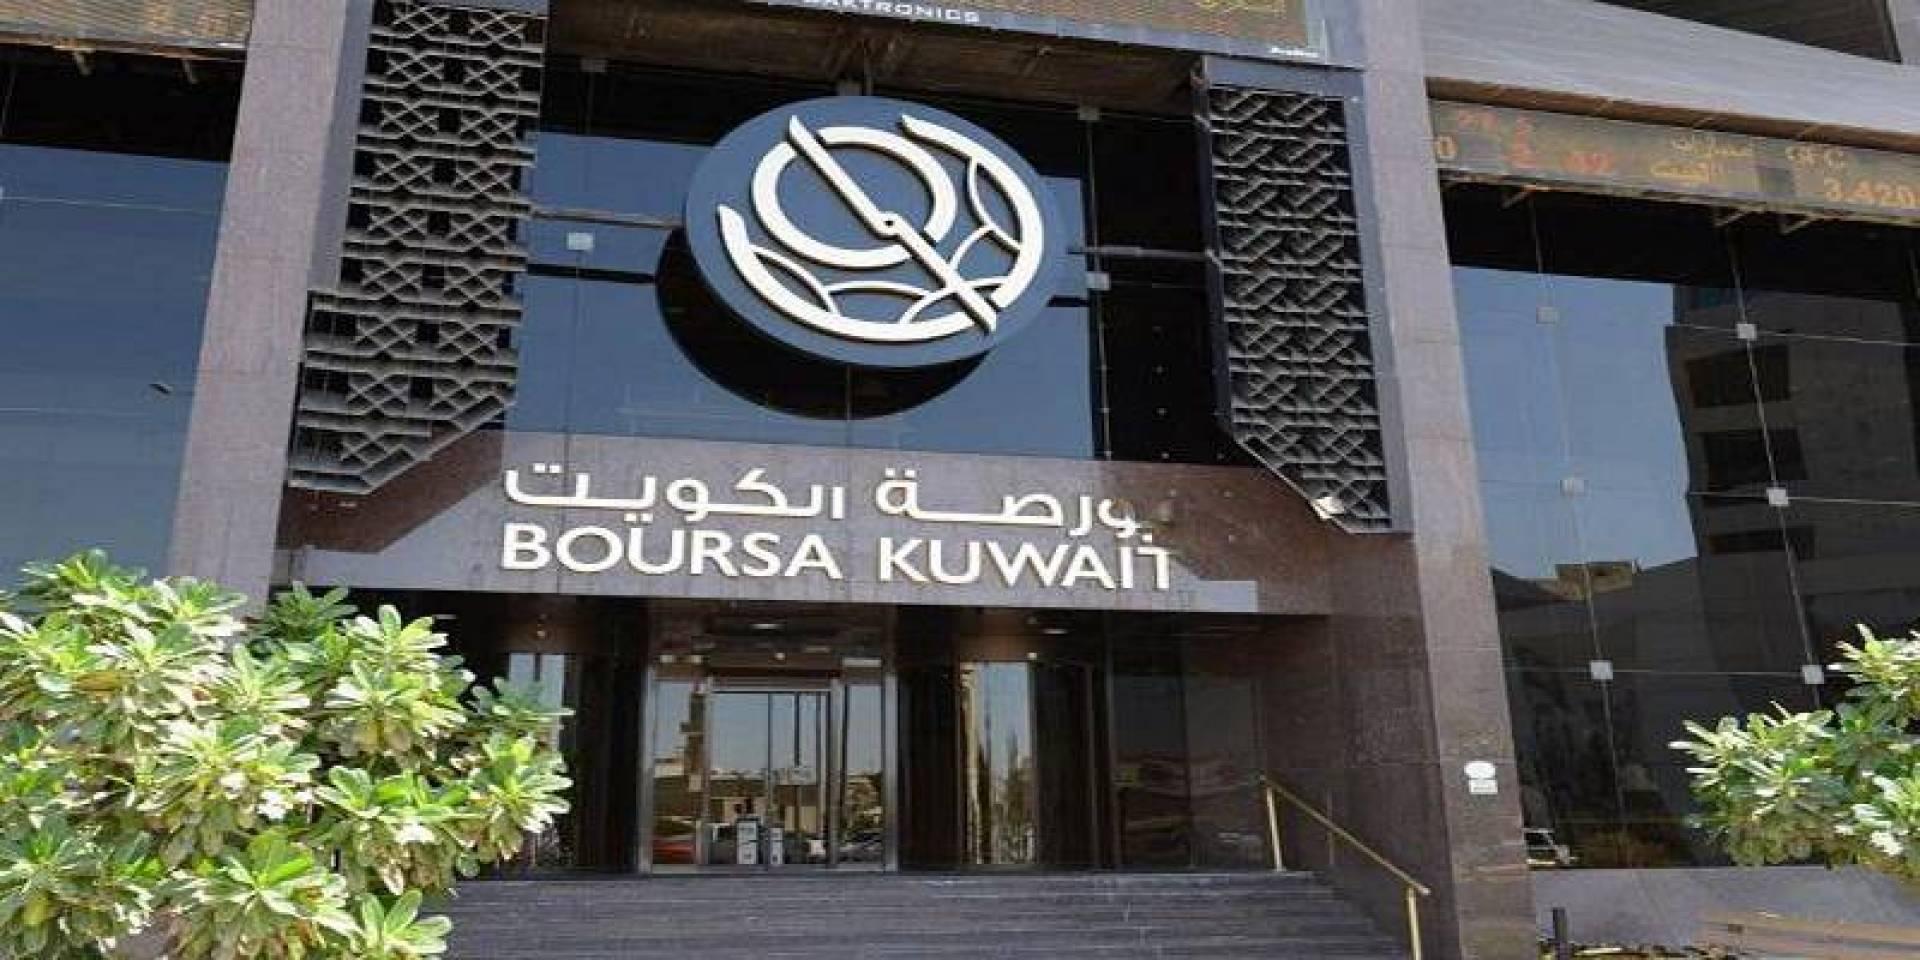 797 مليون دولار استثمارات صناديق الأسواق الناشئة في بورصة الكويت